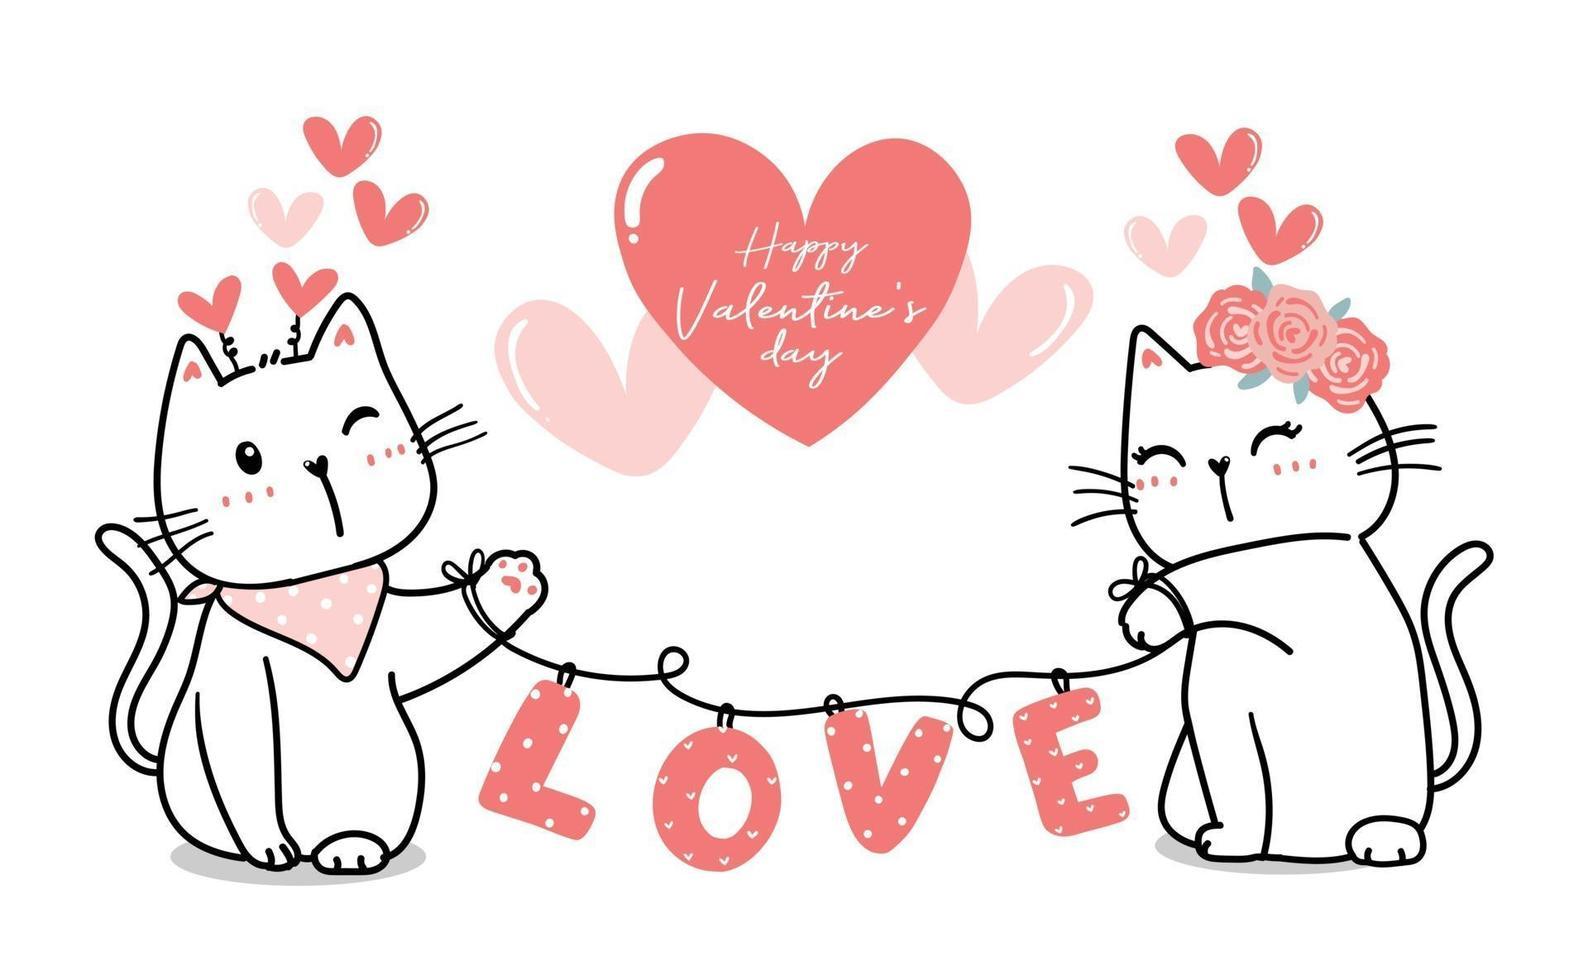 casal de gatos bonitos dos namorados com amor de coração, feliz dia dos namorados, contorno de desenho animado de gato bonito vetor de coração rosa para banner, material para impressão, cartão de felicitações